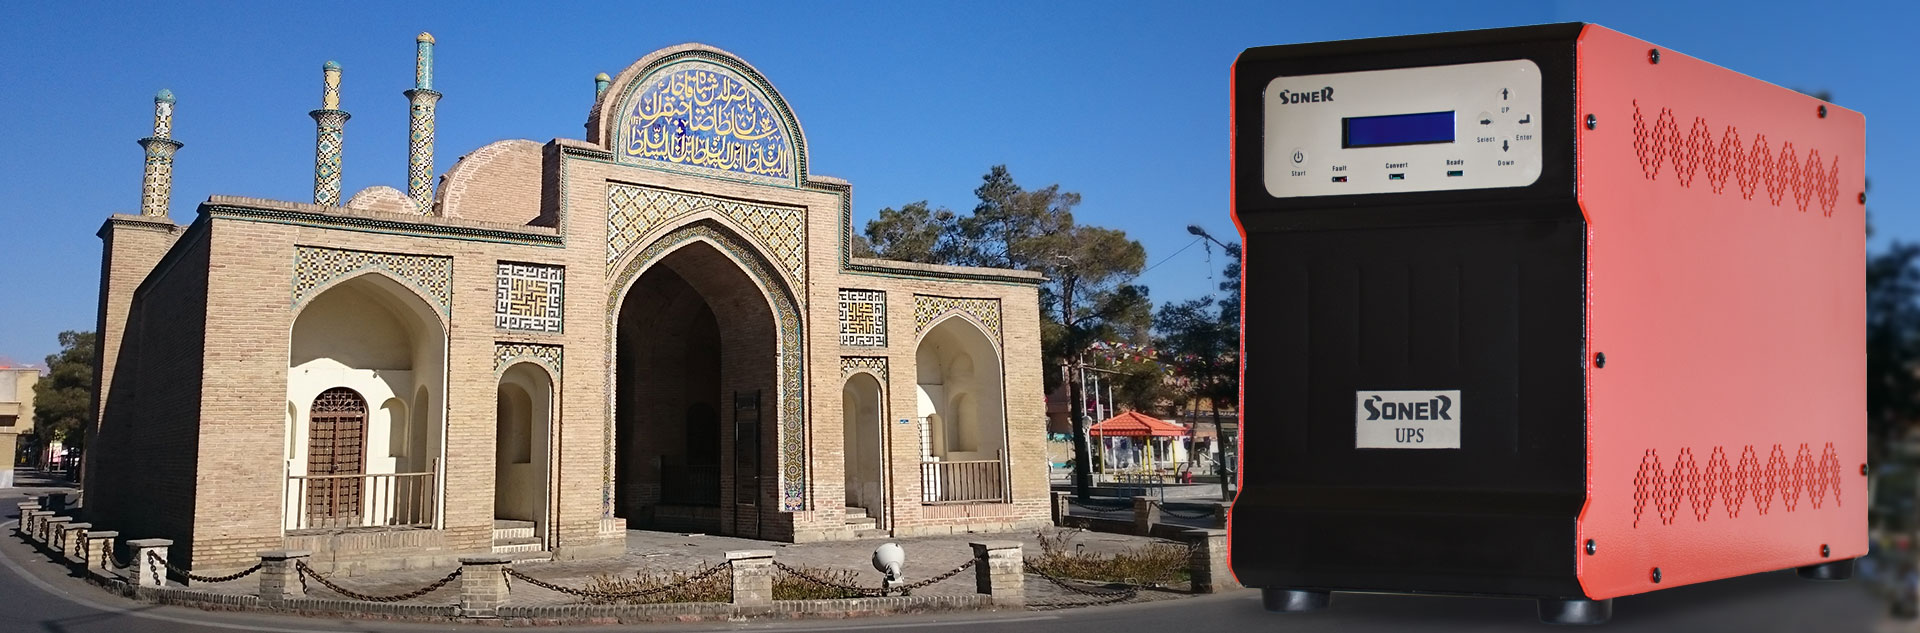 فروش دستگاه یو پی اس ایرانی سونر در سمنان